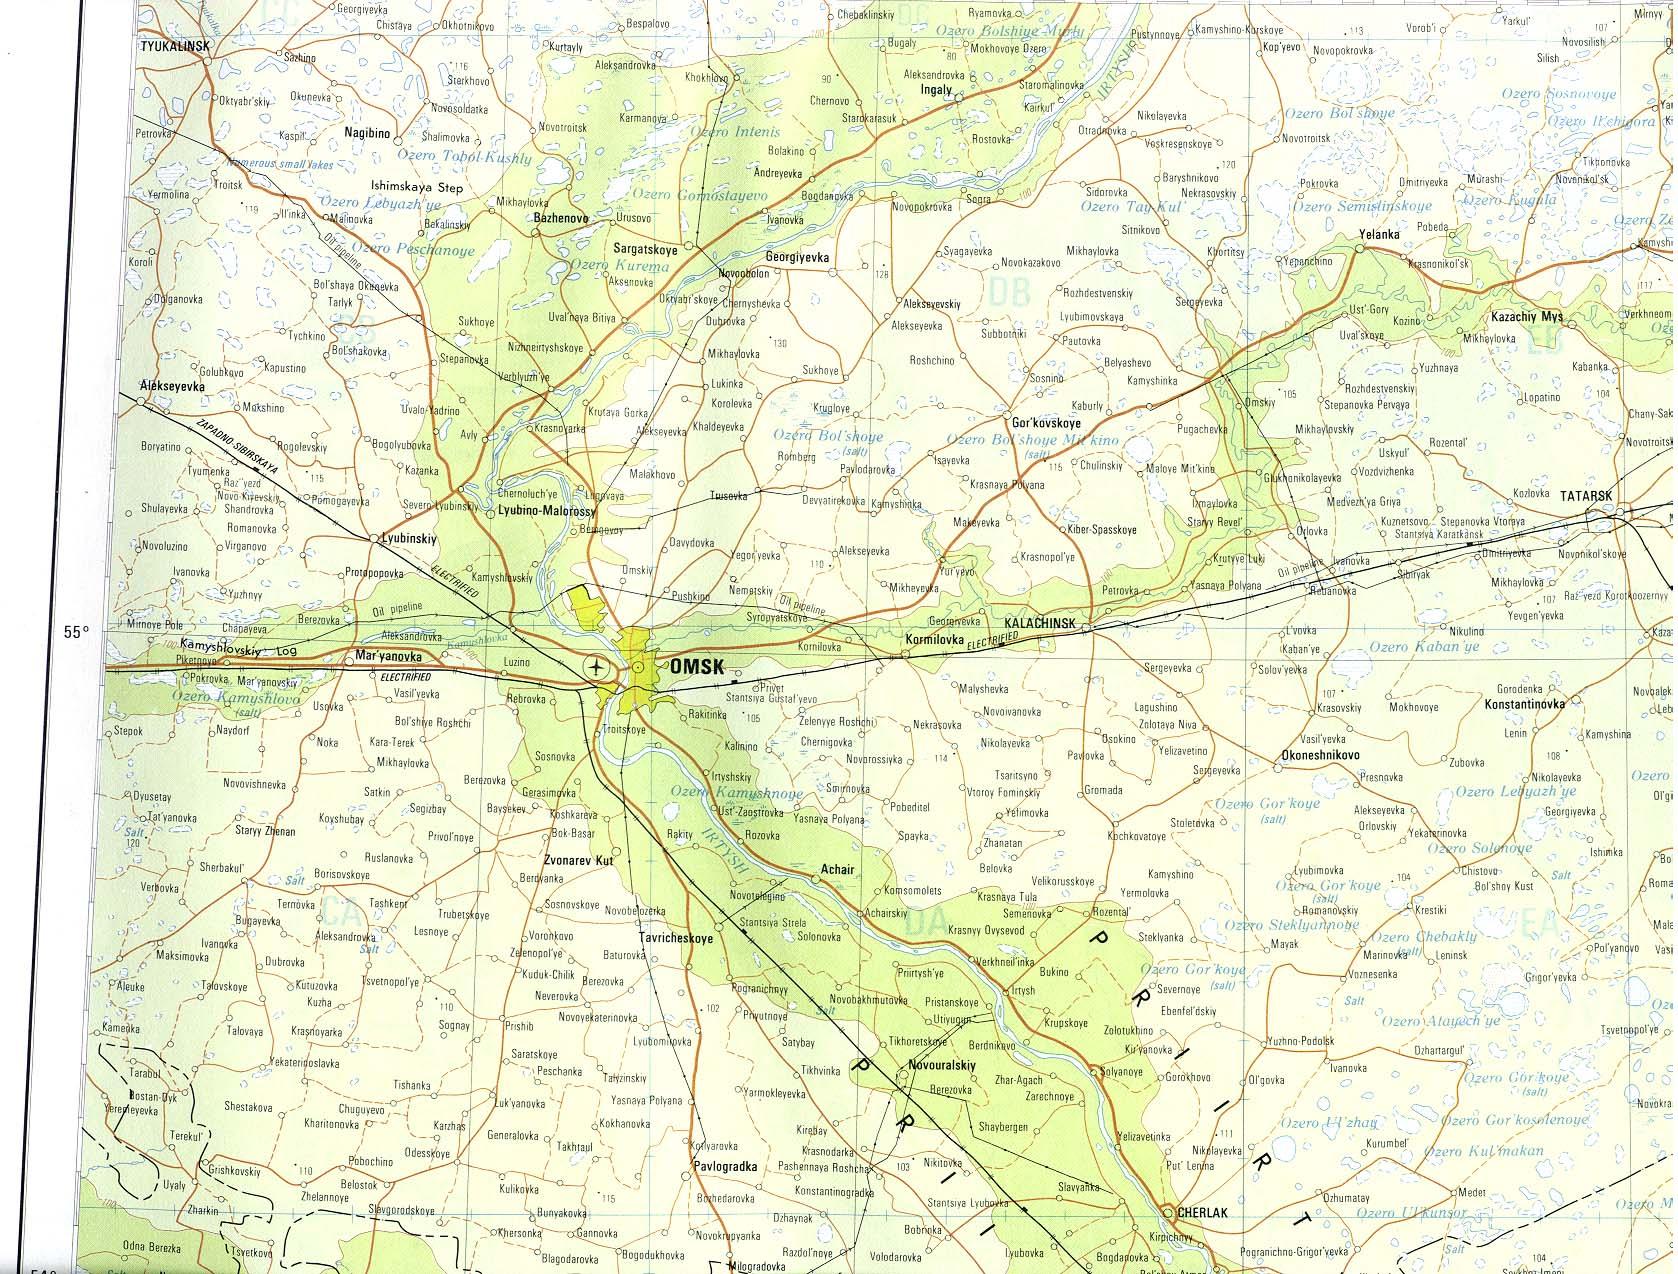 Mapa de la Región de Omsk